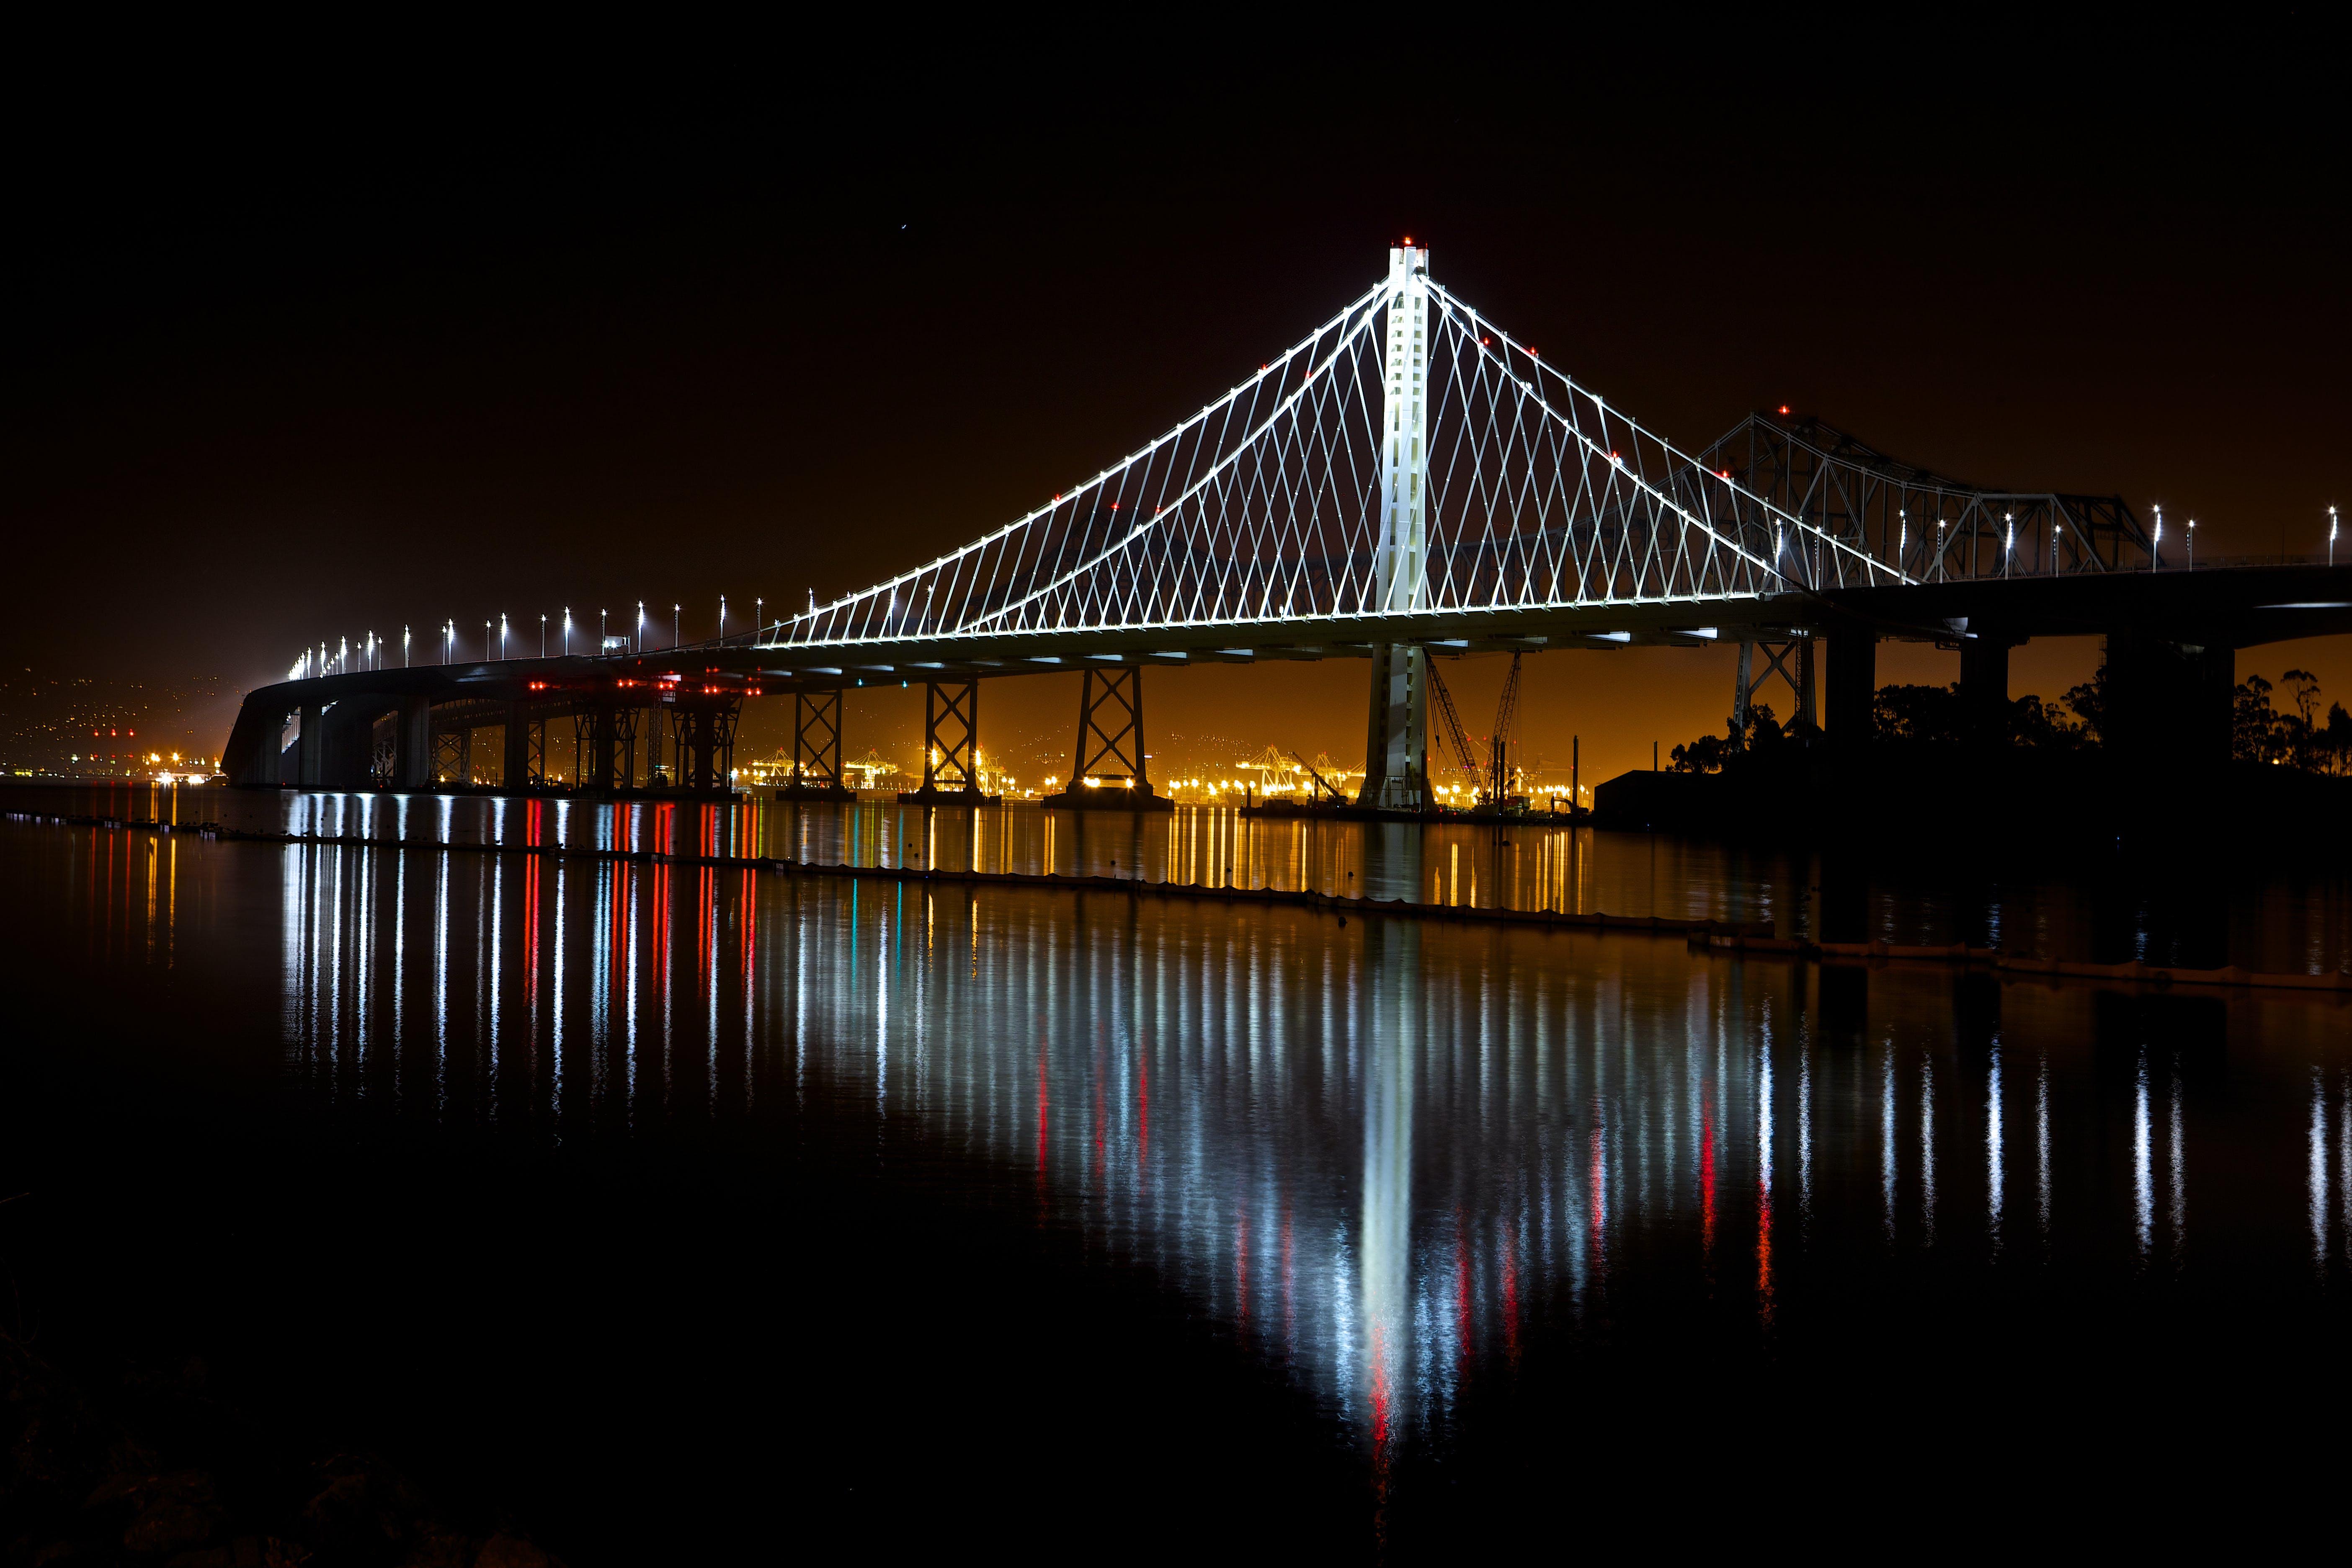 Illuminated Suspension Bridge Against Sky at Night